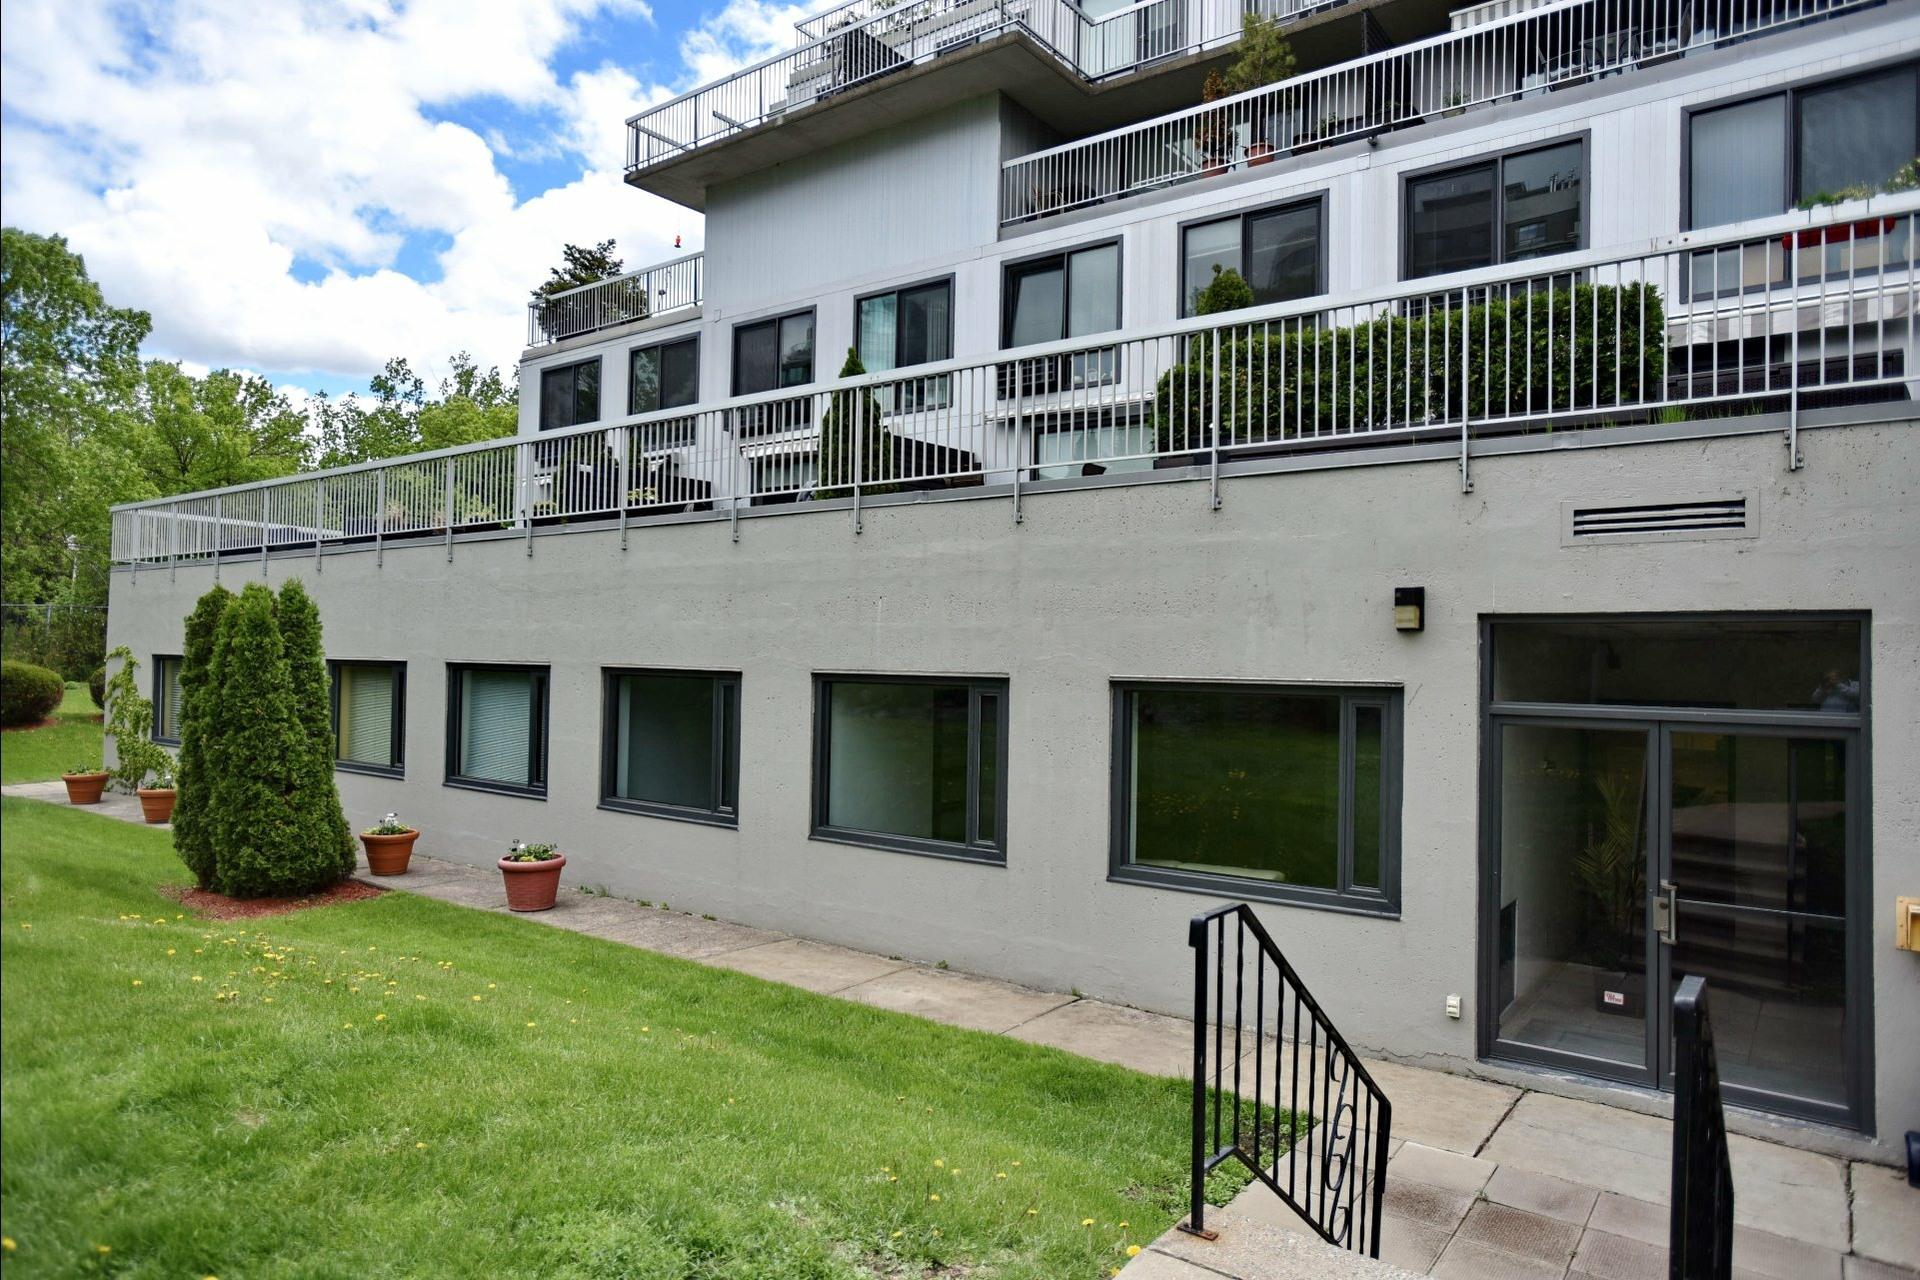 image 33 - Appartement À vendre Montréal Verdun/Île-des-Soeurs  - 8 pièces